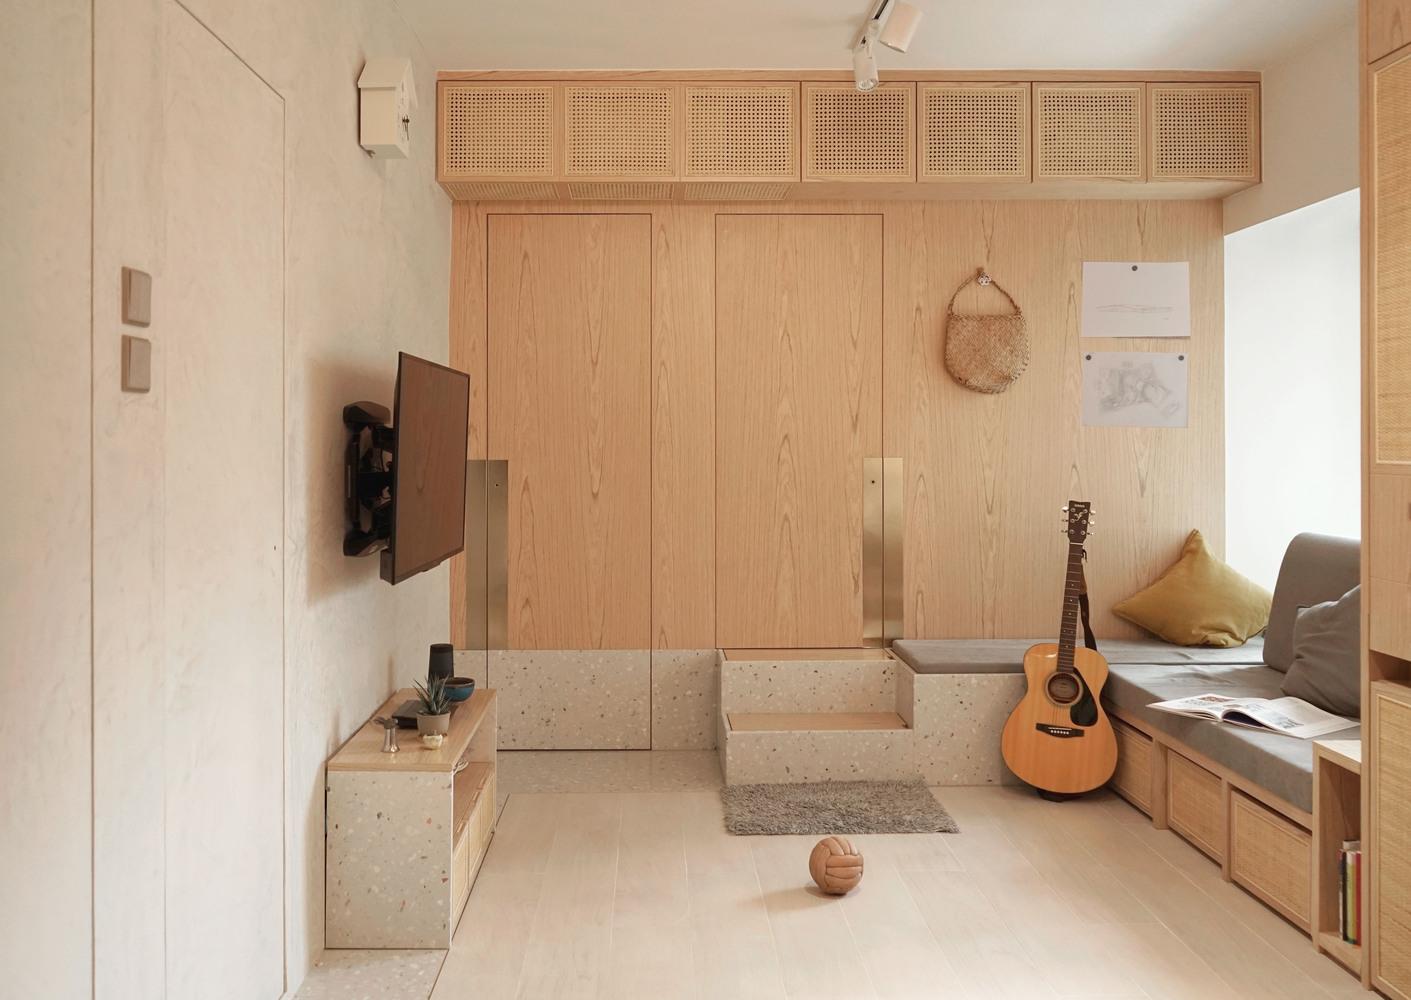 Sala com canto alemão do lado direito. À frente, portas em madeira que se camuflam na parede. Tv na parede. Violão encostado no sofá